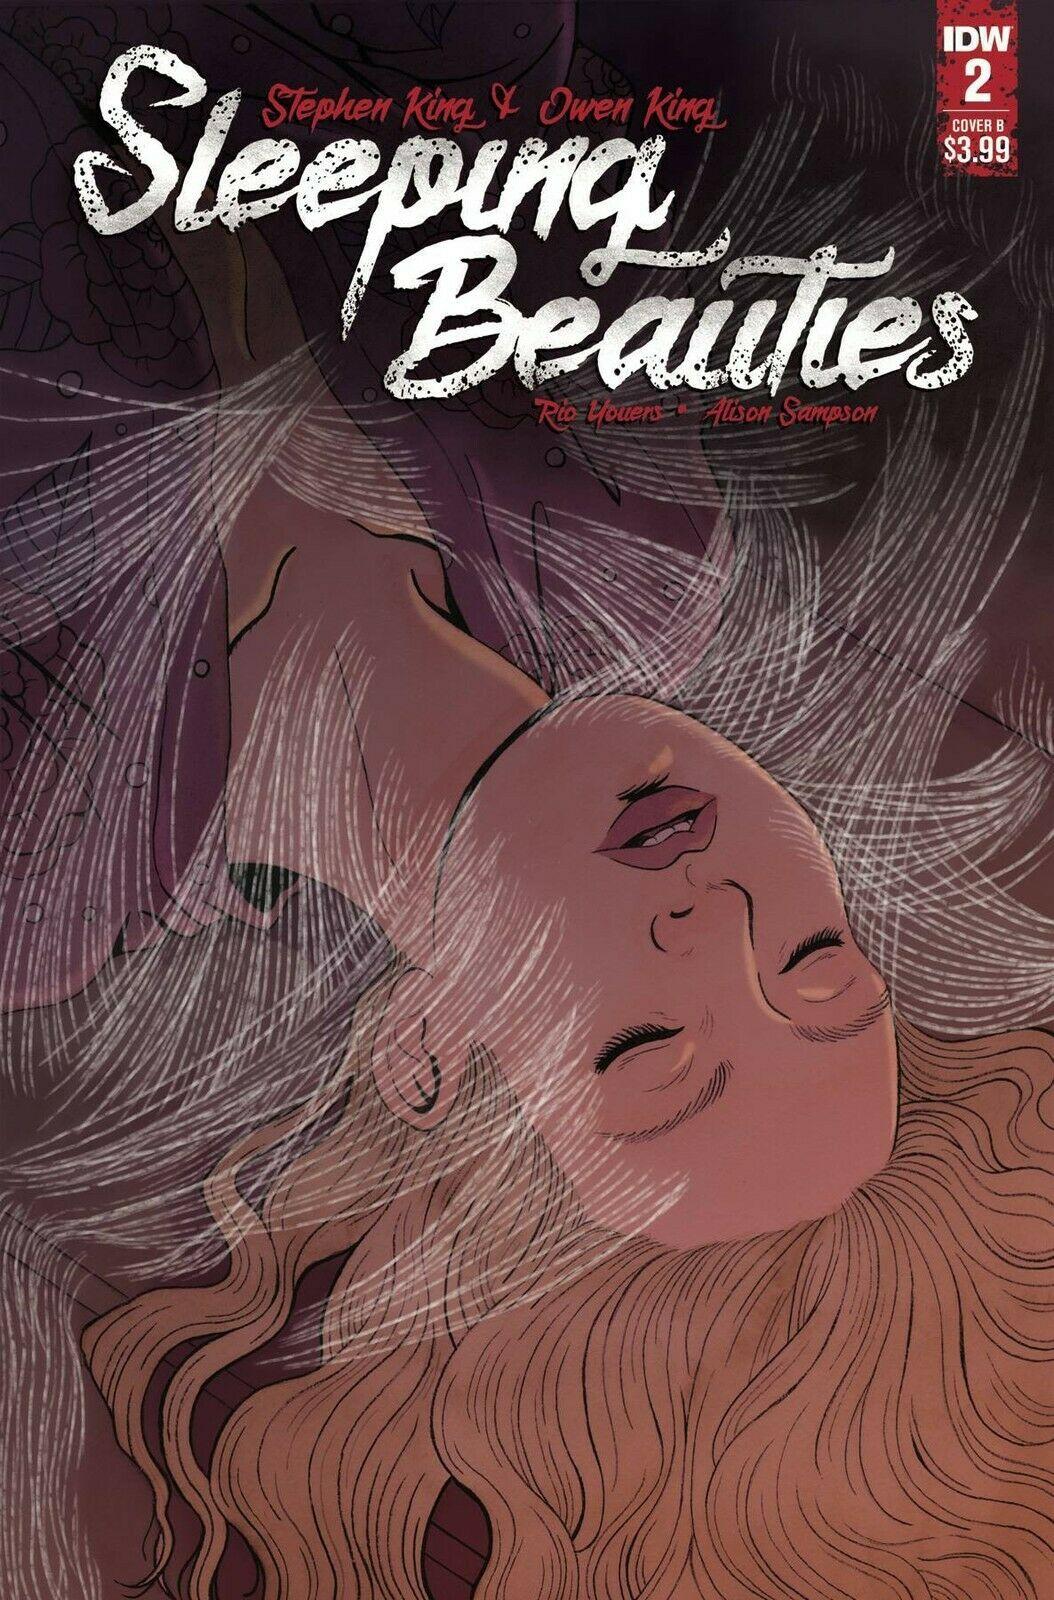 Sleepingbeauties Bd 02